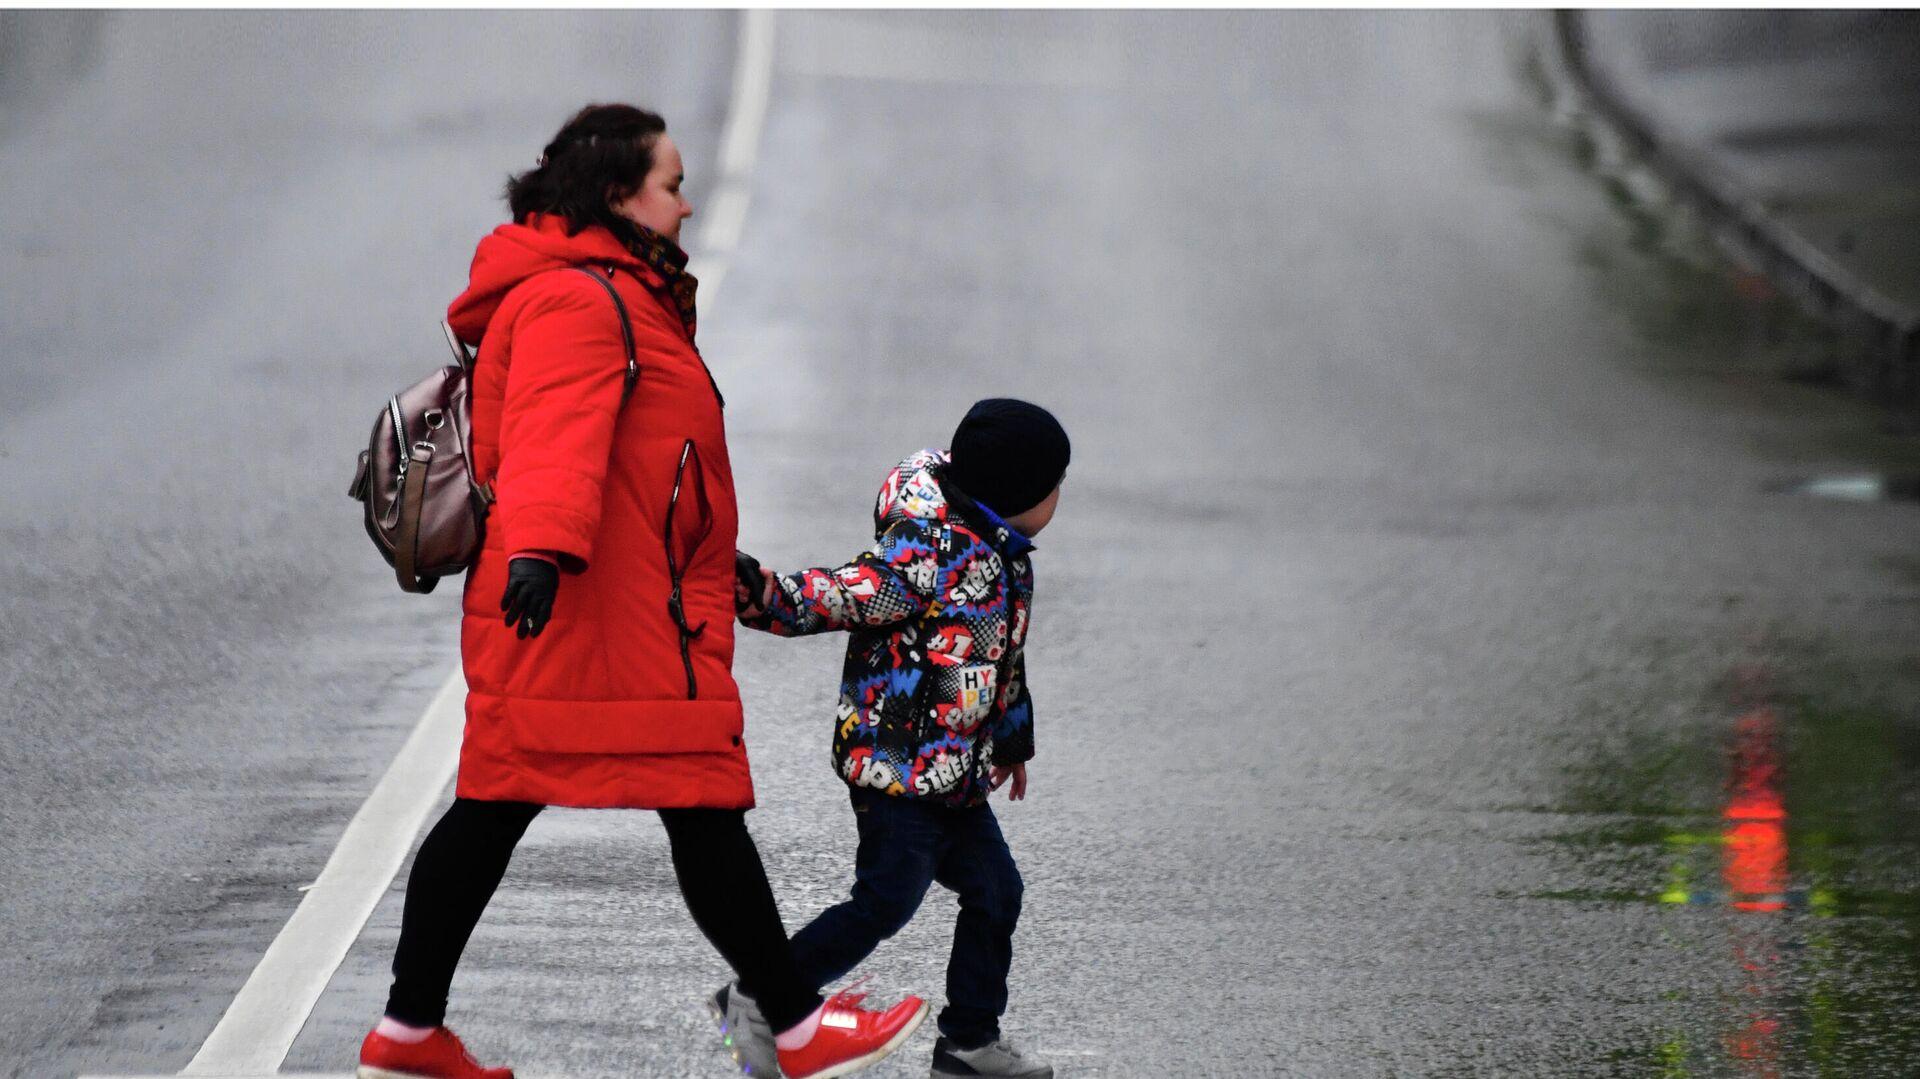 Женщина с ребенком идут по пешеходному переходу - РИА Новости, 1920, 22.03.2021